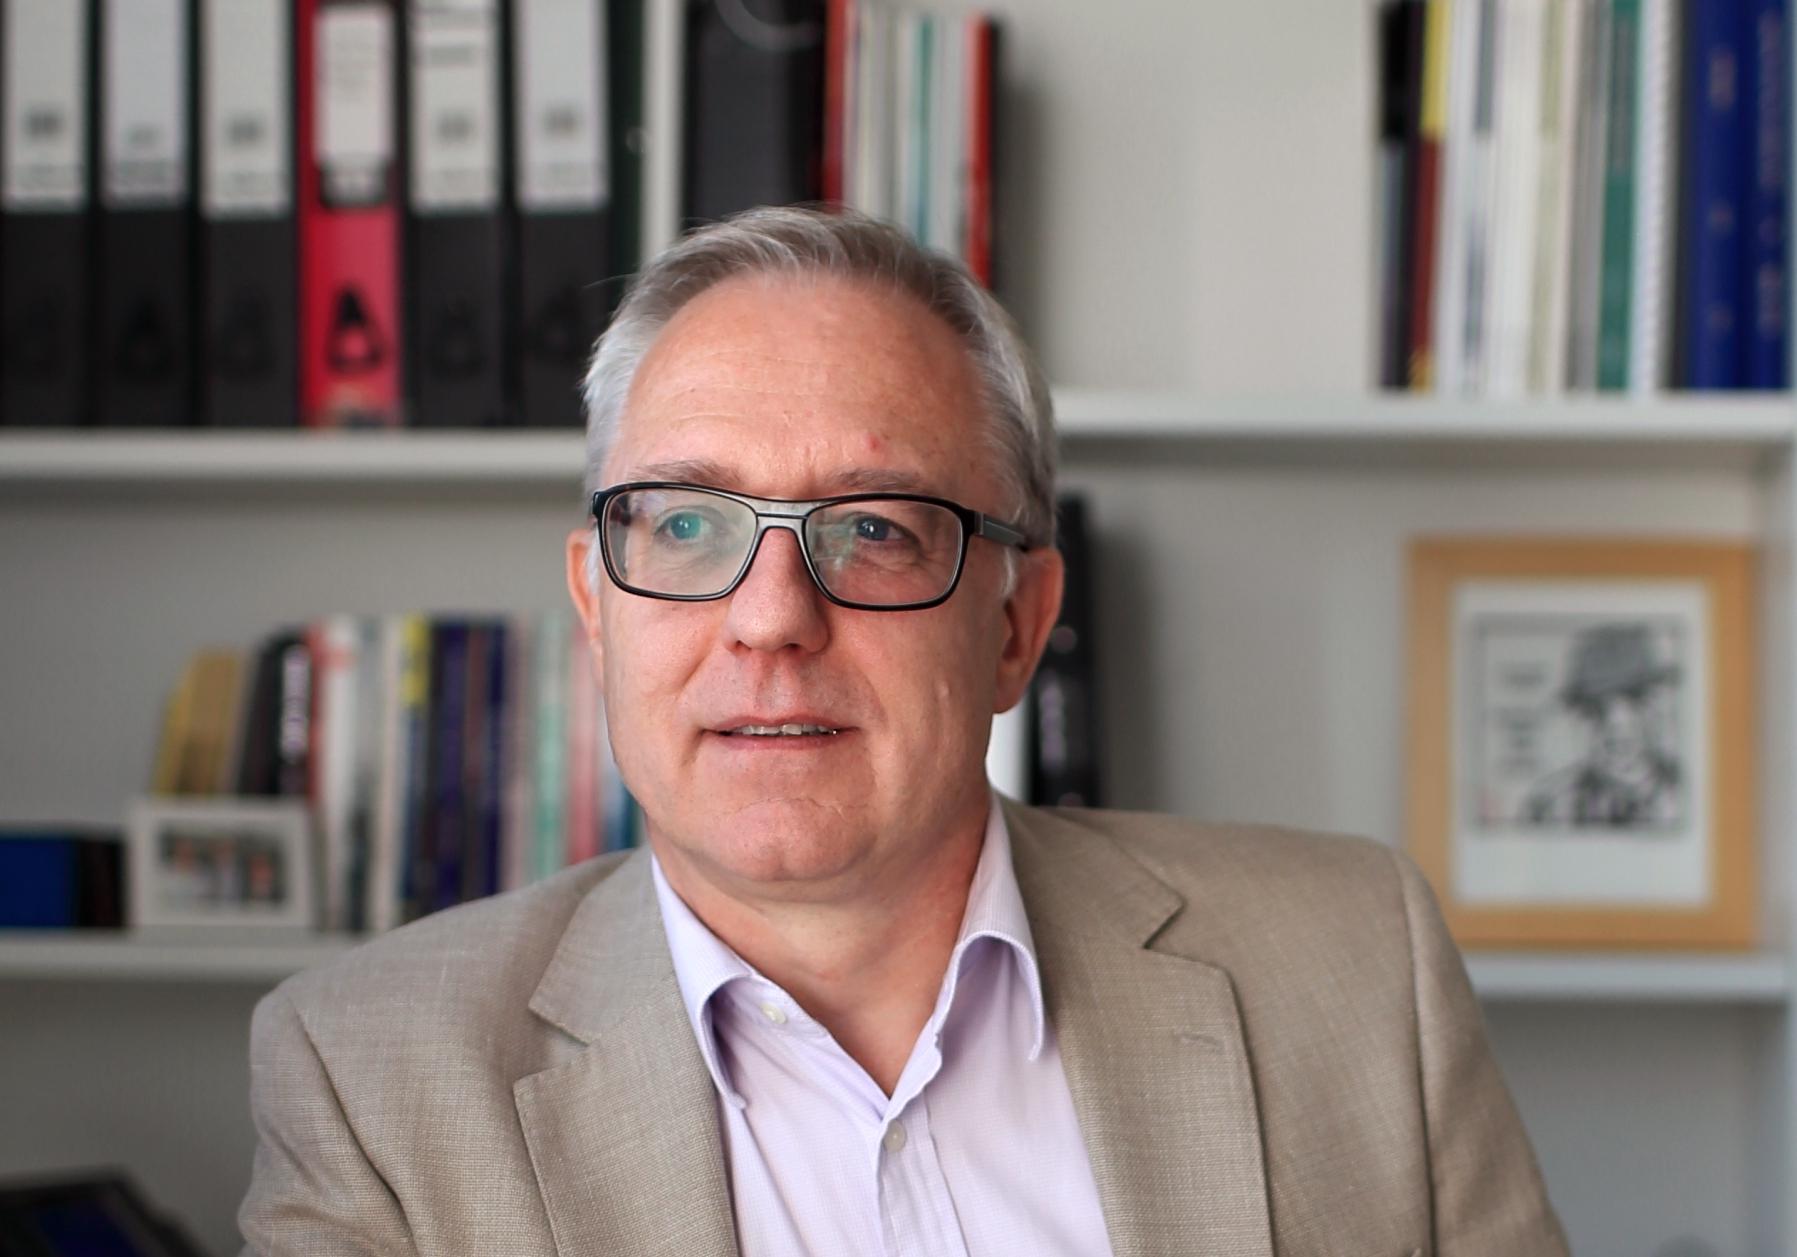 Professor Julian Webb